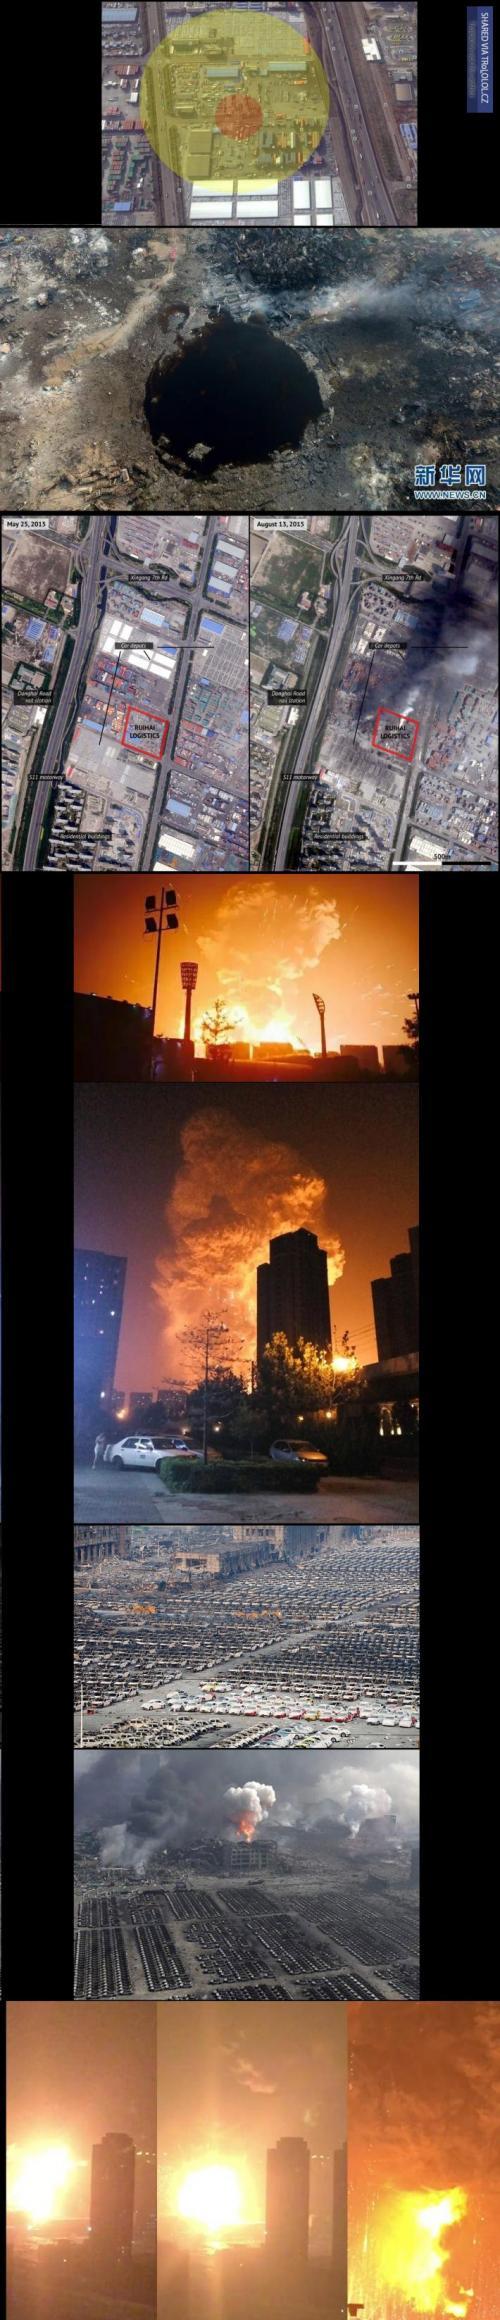 Exploze v Tianjinu a jak velký kráter po sobě zanechala